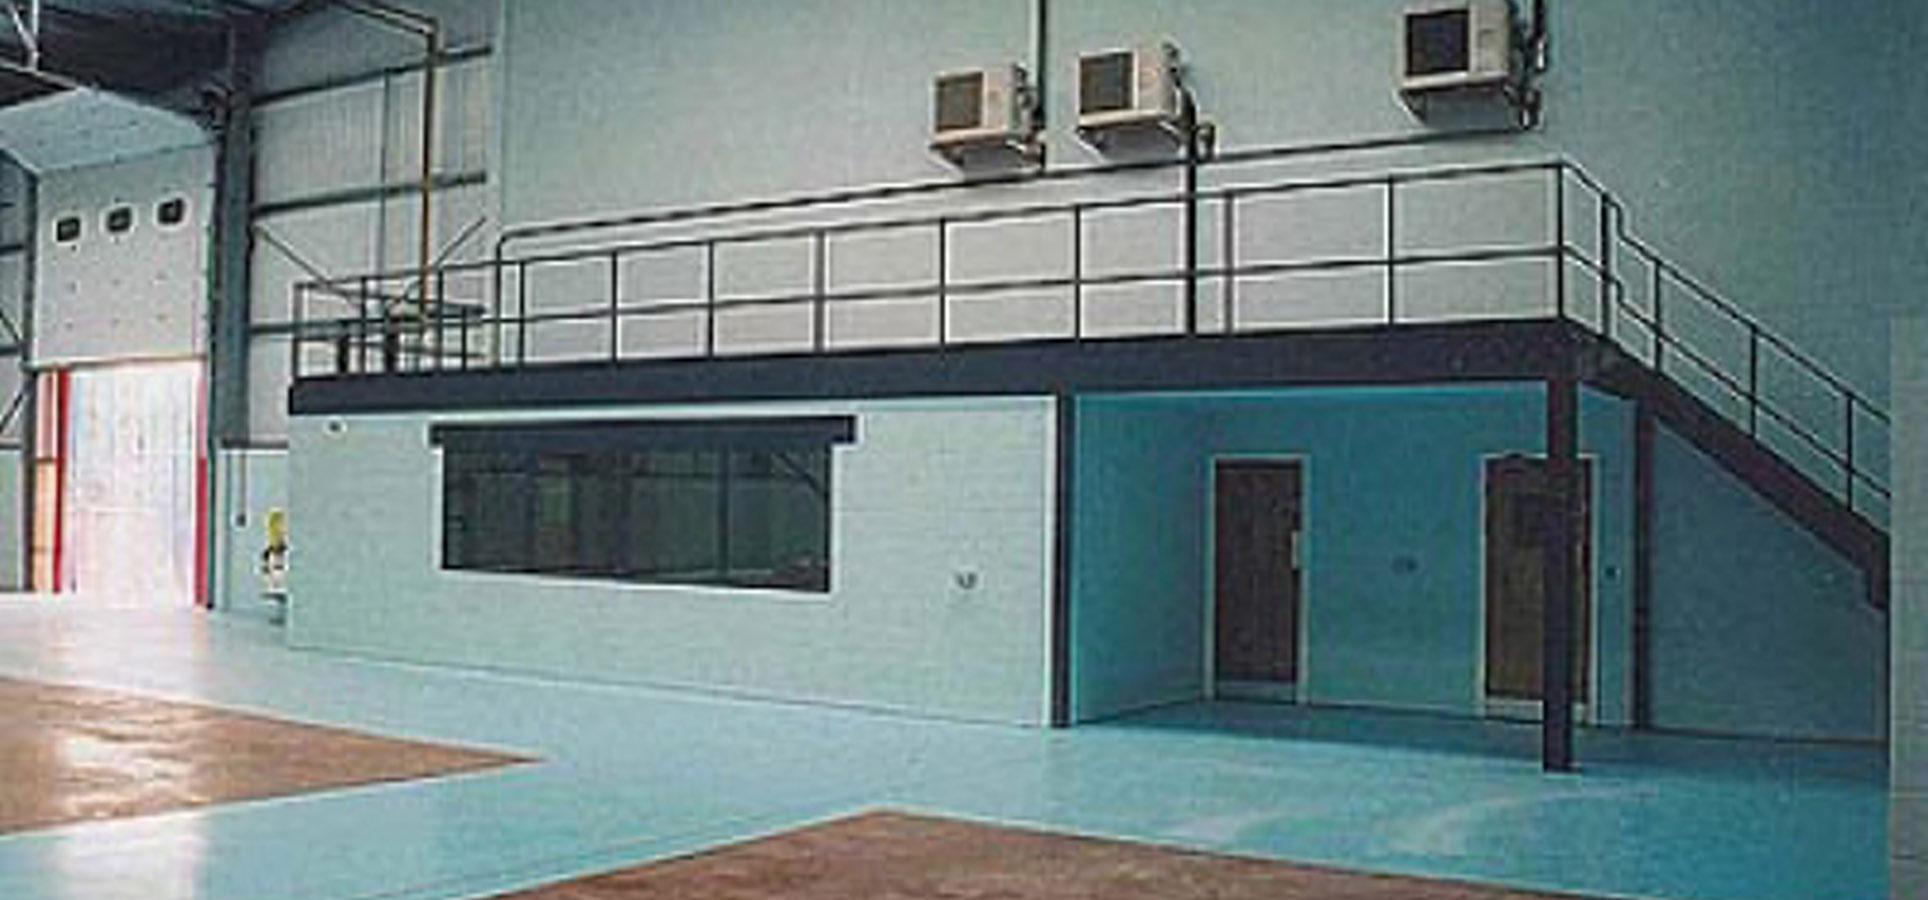 OFFICE & INDUSTRIAL UNIT, Jessops Construction Ltd